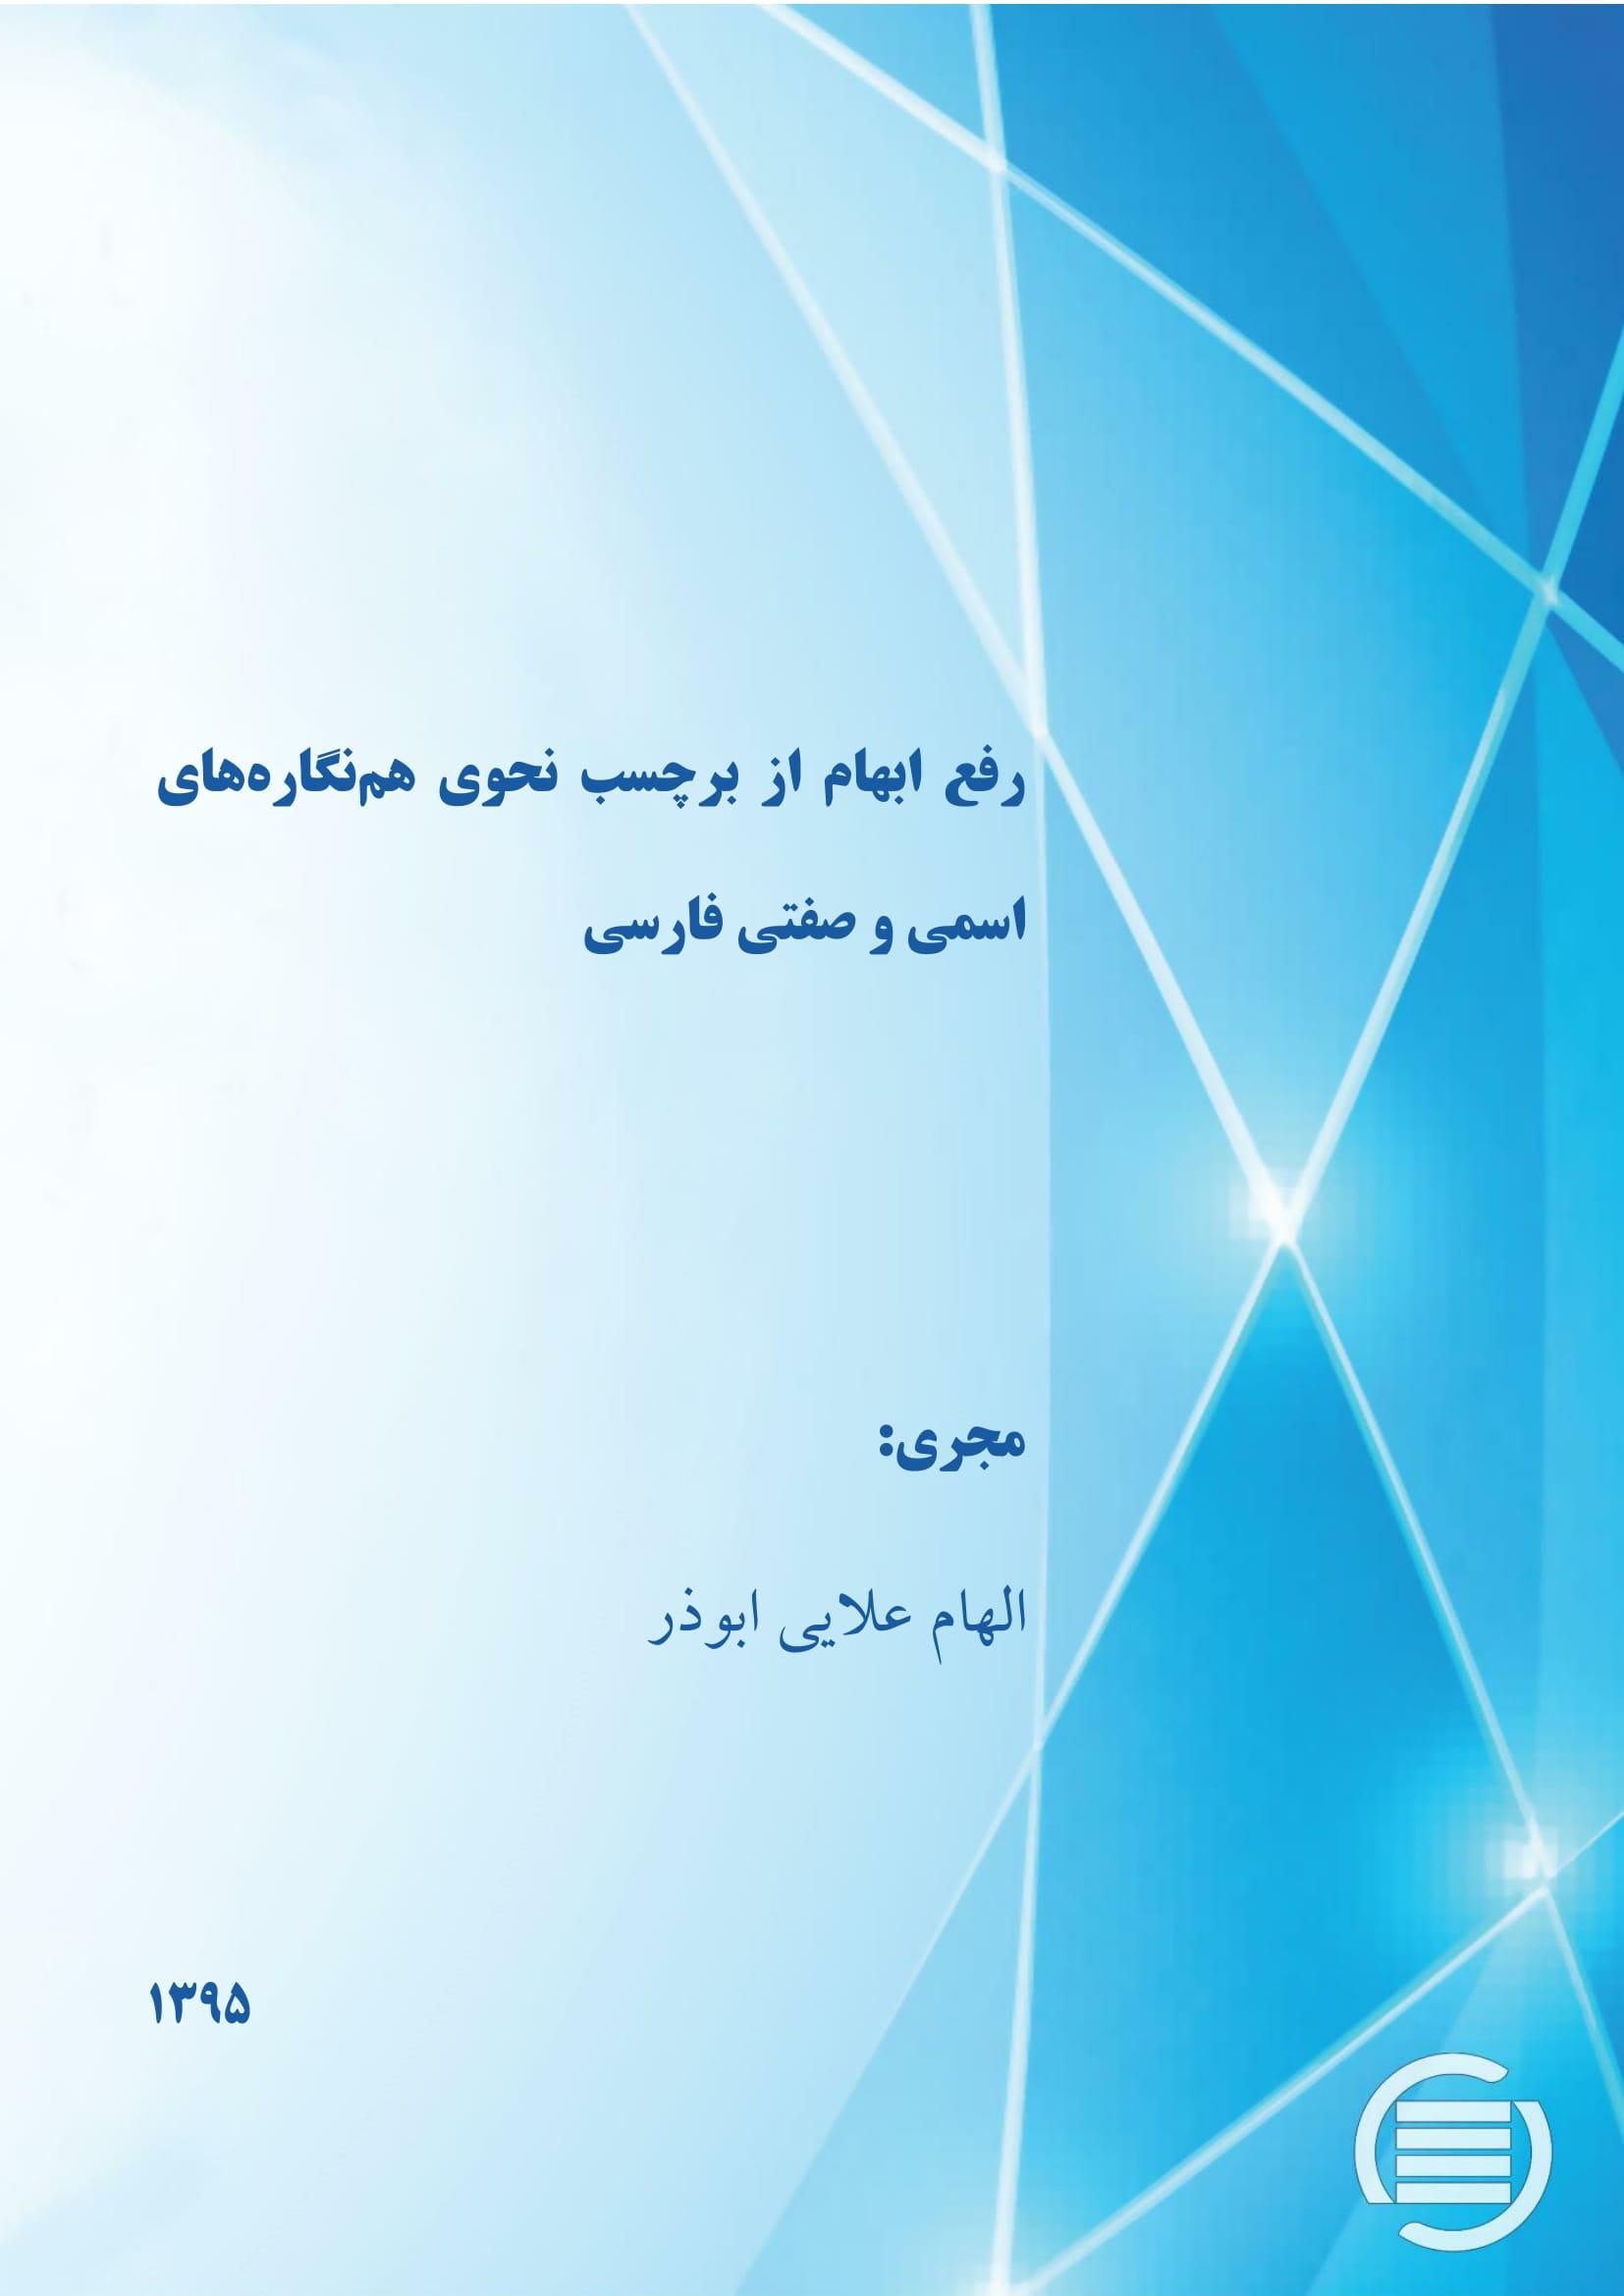 رفع ابهام از برچسب نحوی همنگارههای اسمی و صفتی فارسی